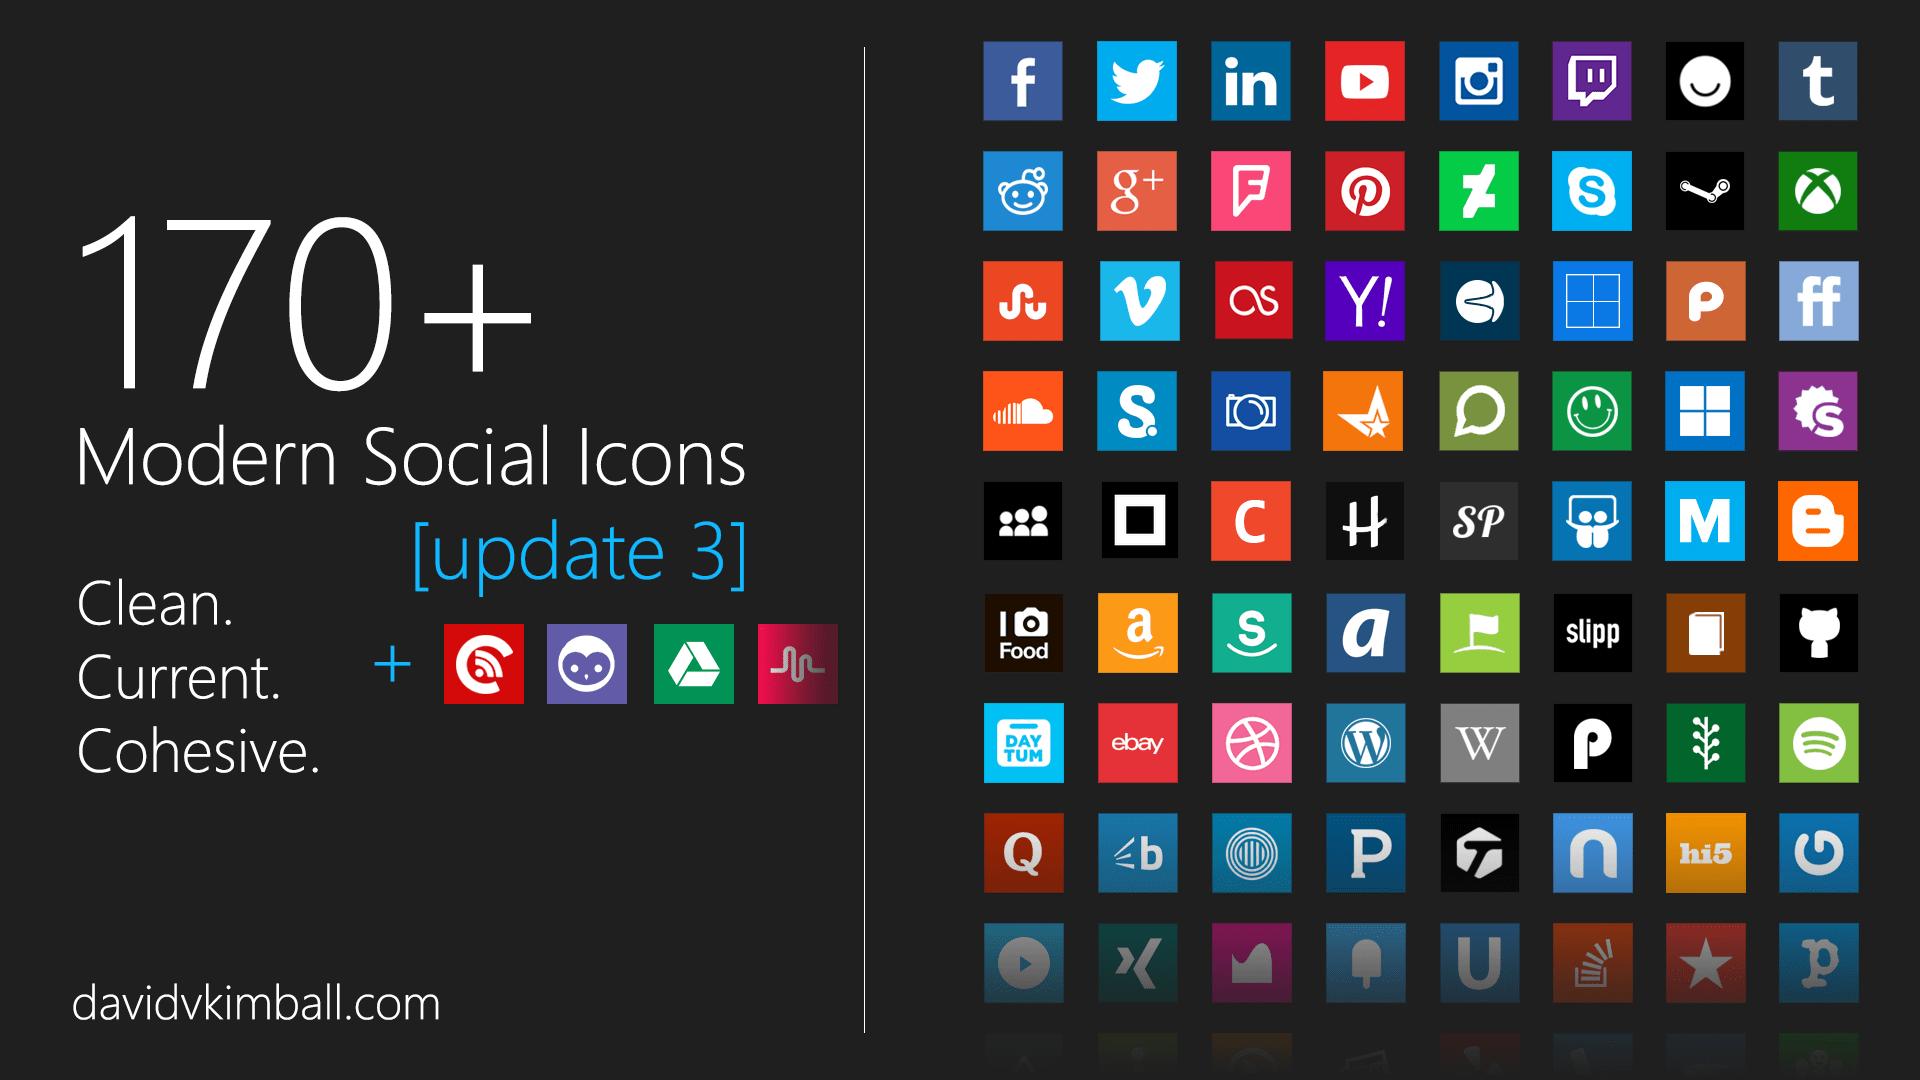 Modern Social Media Icons By Davidvkimball On DeviantArt